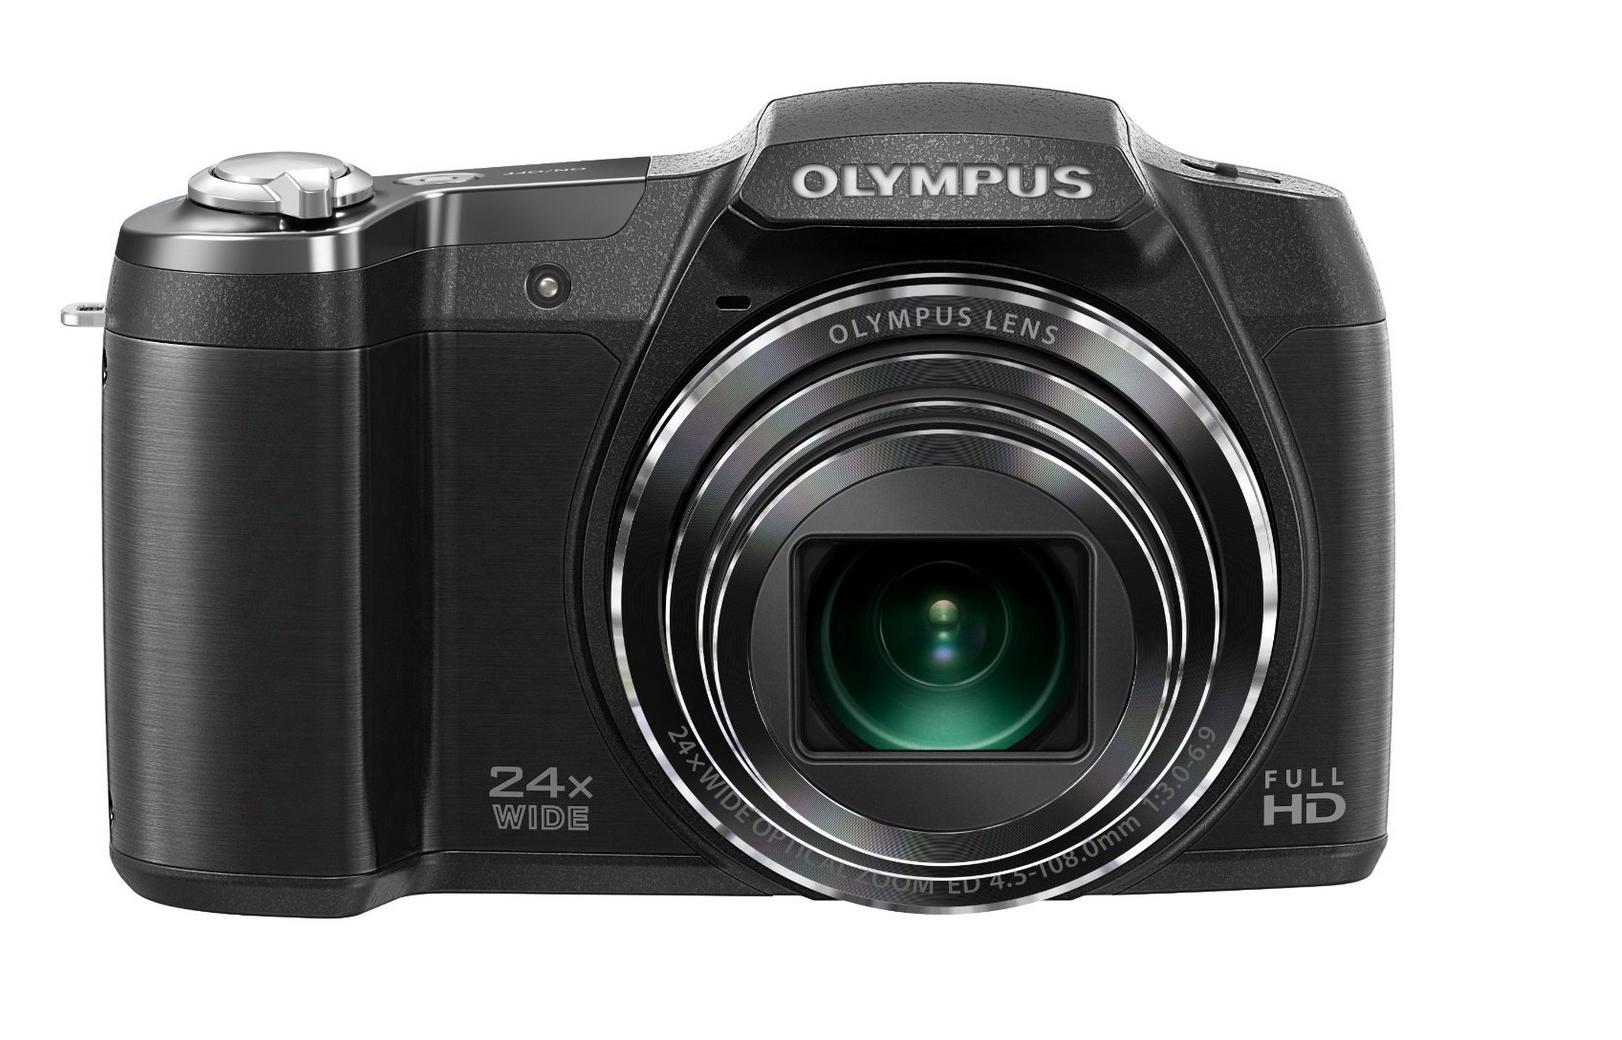 Olympus SZ-17 Digital Camera Only $99 (Reg. $139.99!)